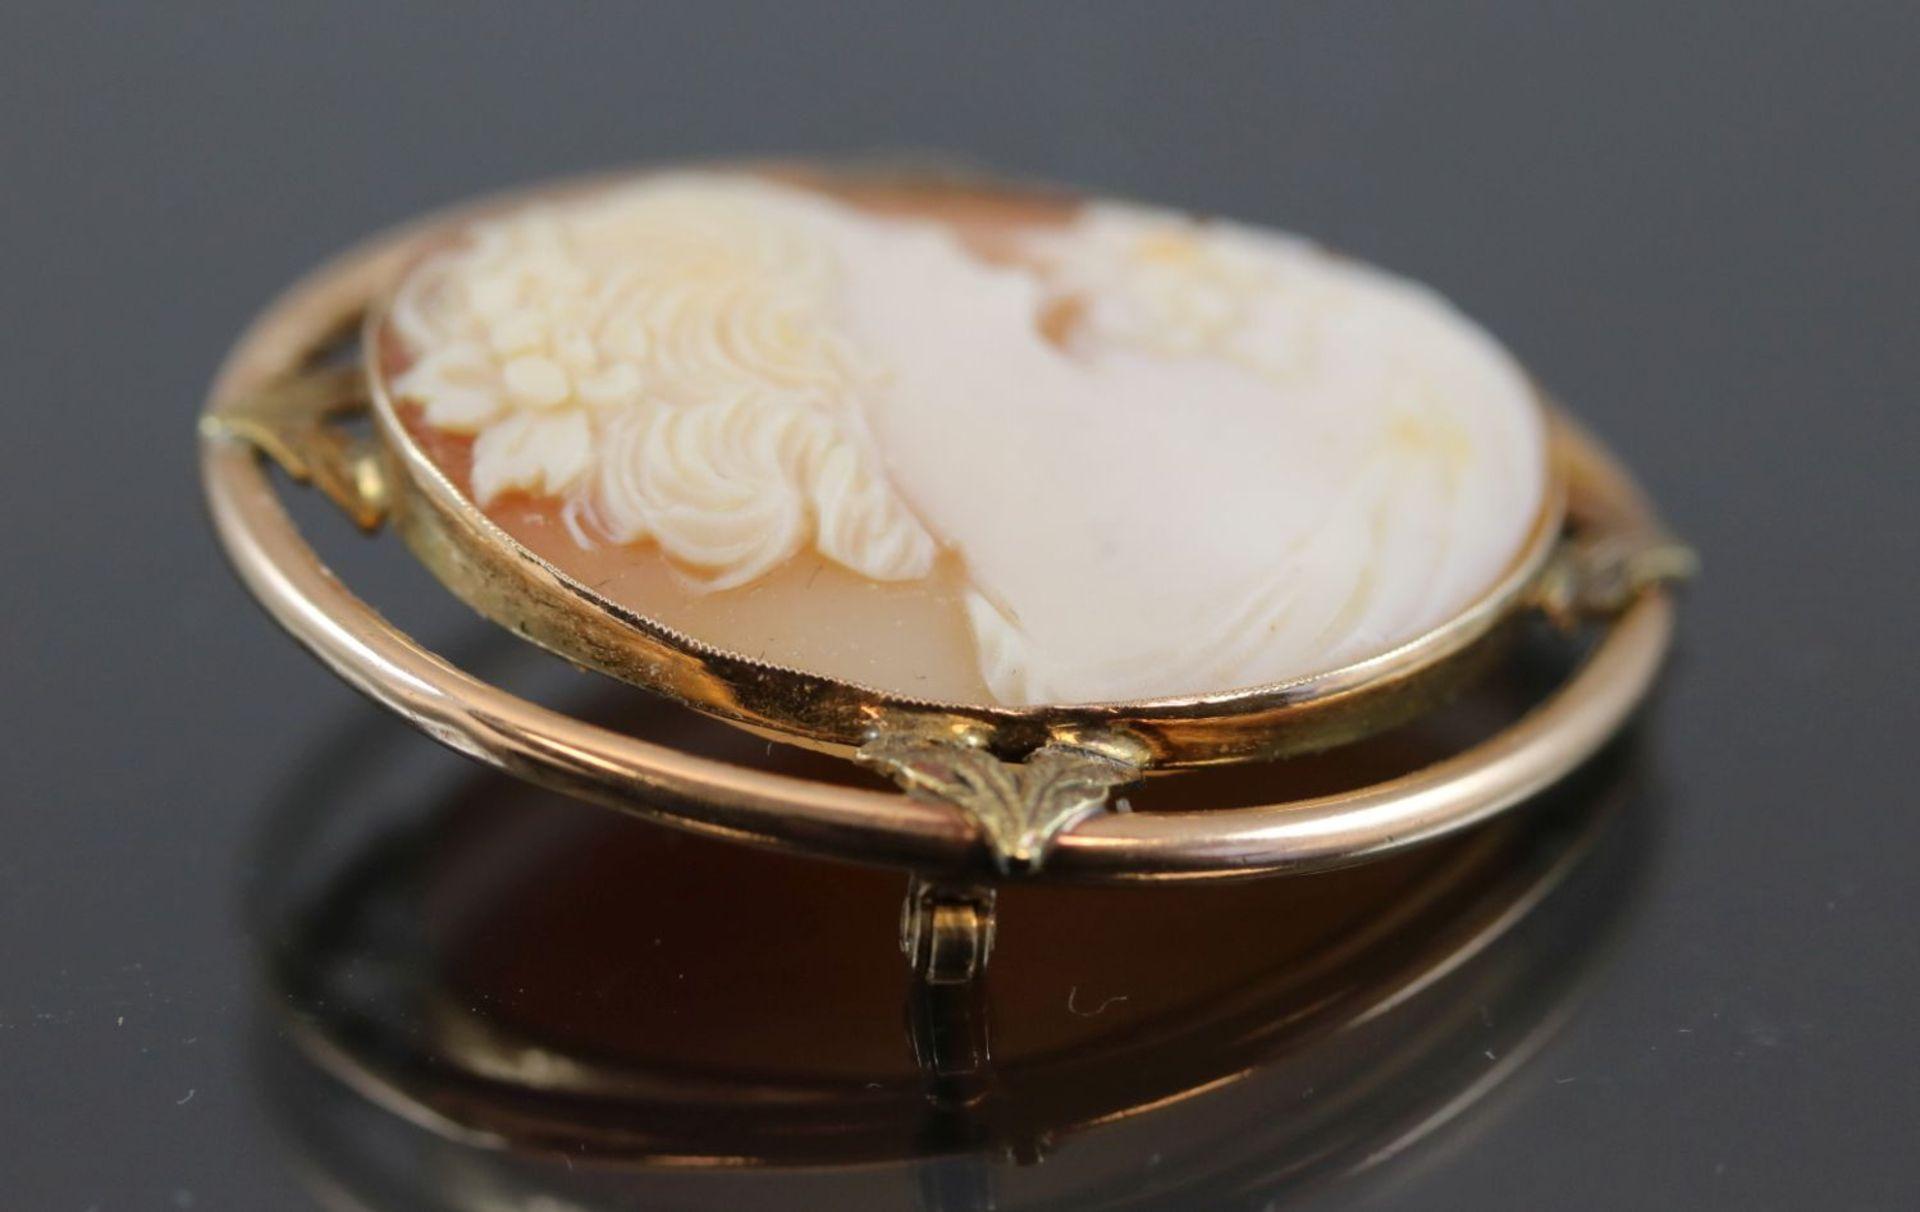 Gemme-Brosche, 375 Gold5,8 Gramm Breite: 3,1 cm, Länge: 3,6 cm - Bild 5 aus 7